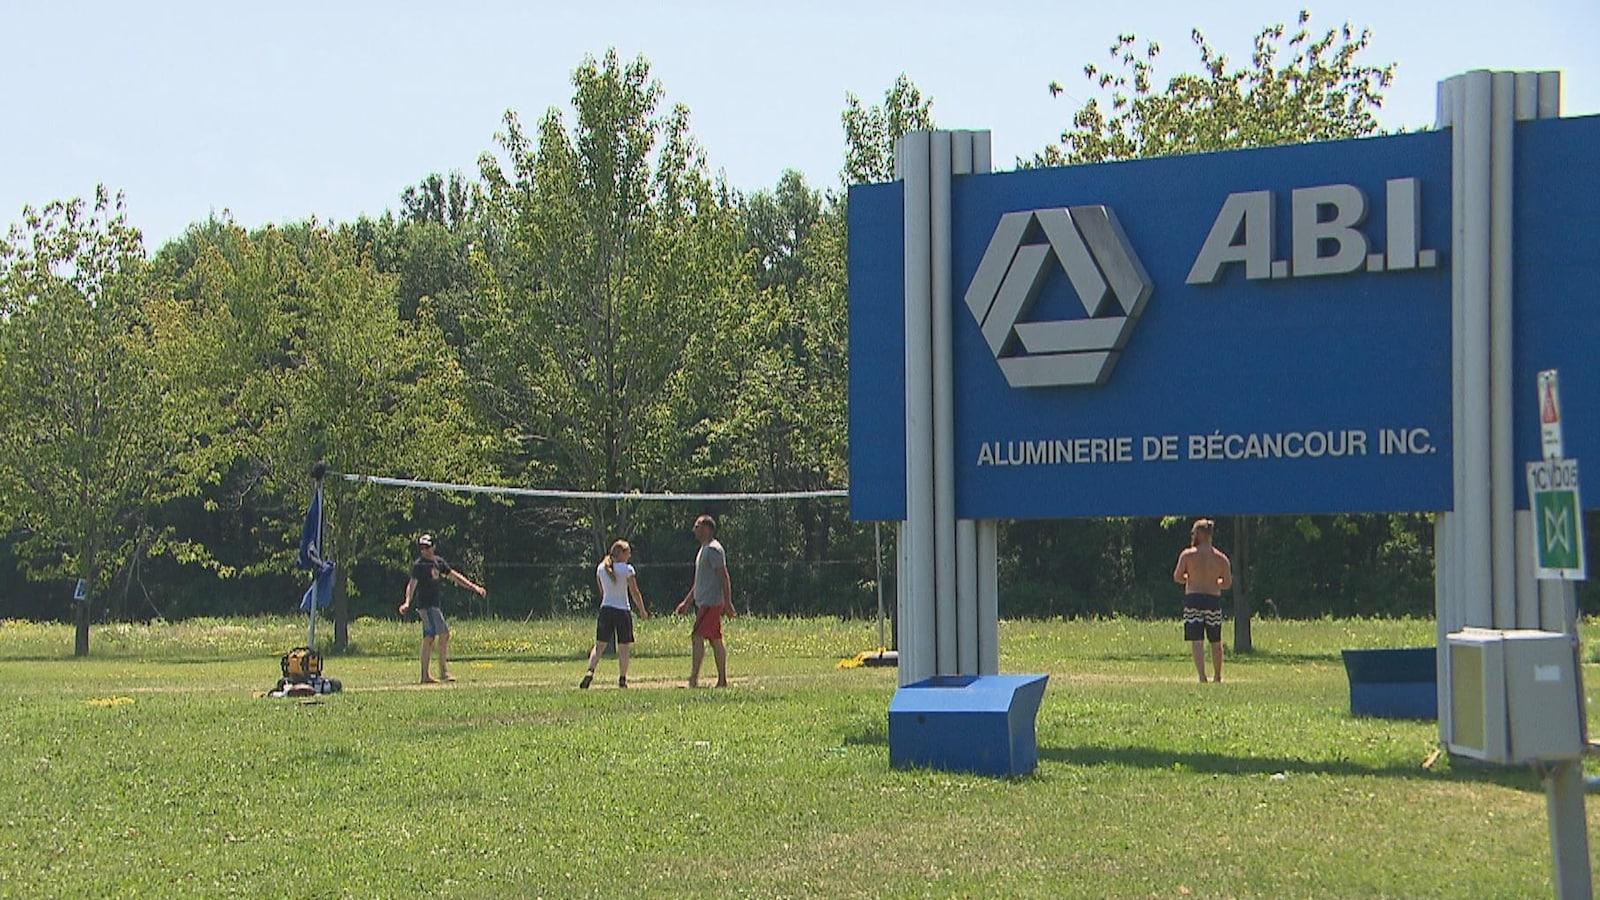 Les syndiqués jouent au volleyball sur le gazon du terrain de l'ABI, à Bécancour, près de l'affiche extérieure